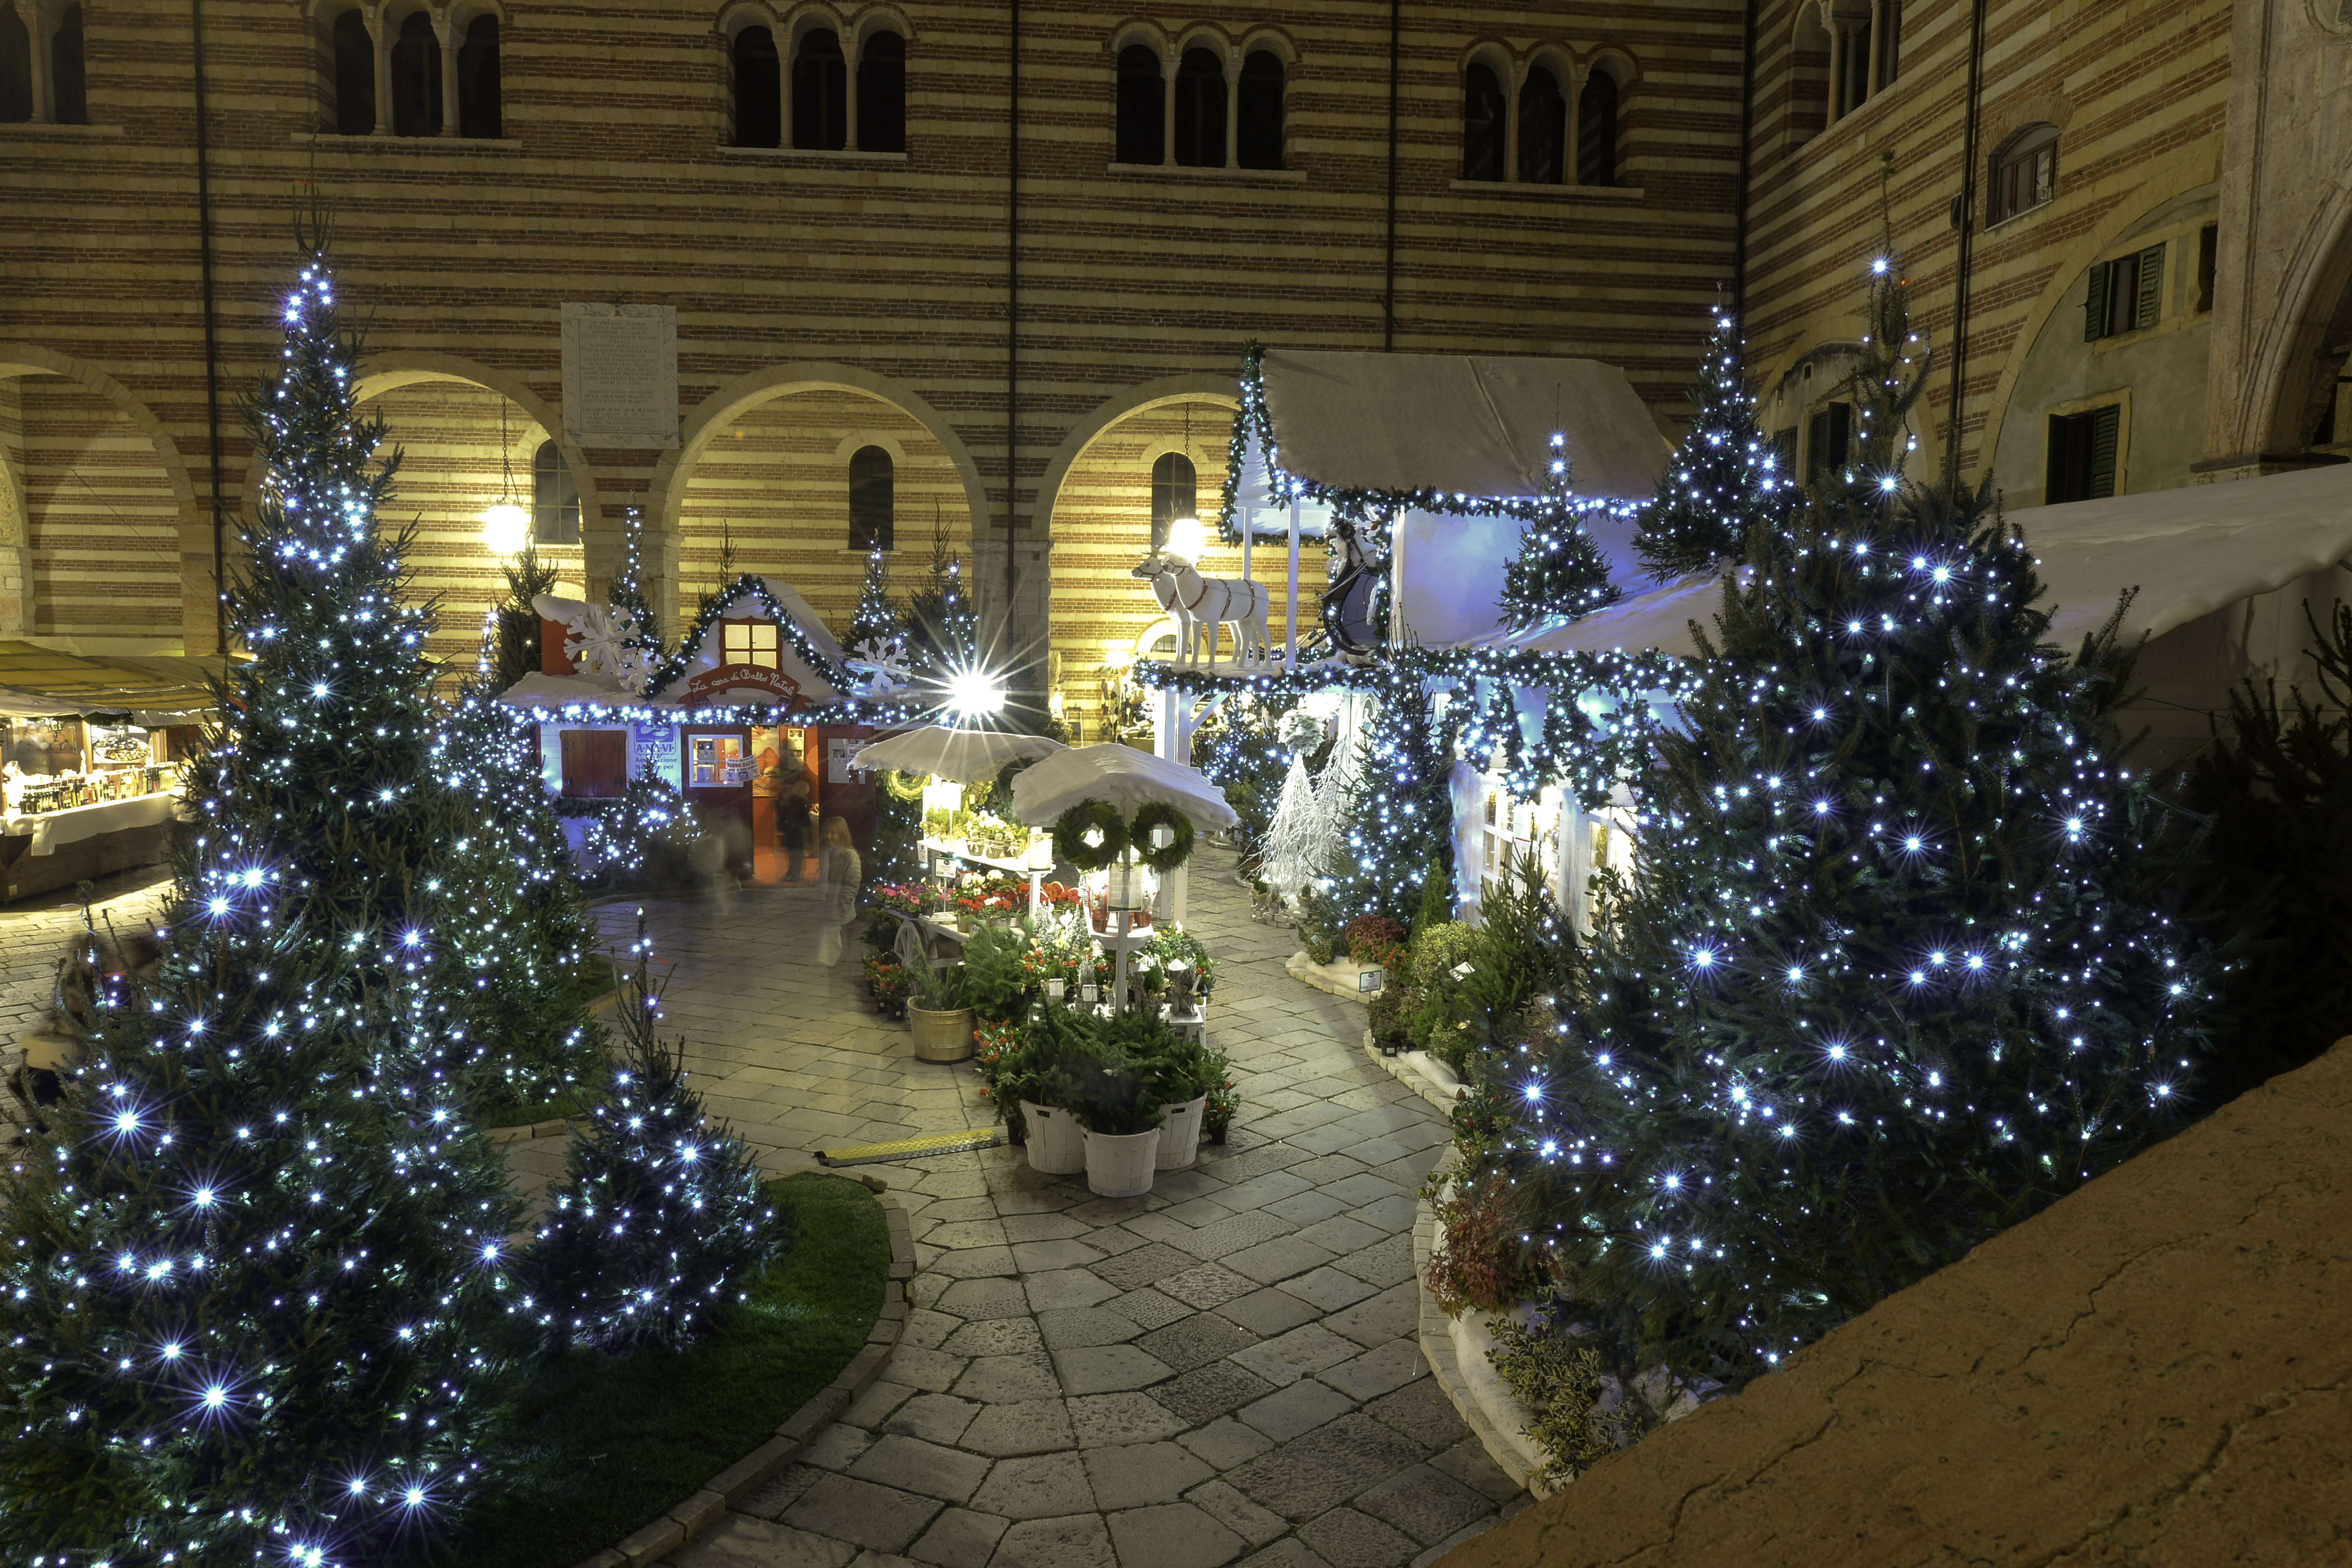 La Casa Di Babbo Natale A Verona.Villaggio Di Natale Flover In Tour 2016 Carnet Verona Carnet Verona